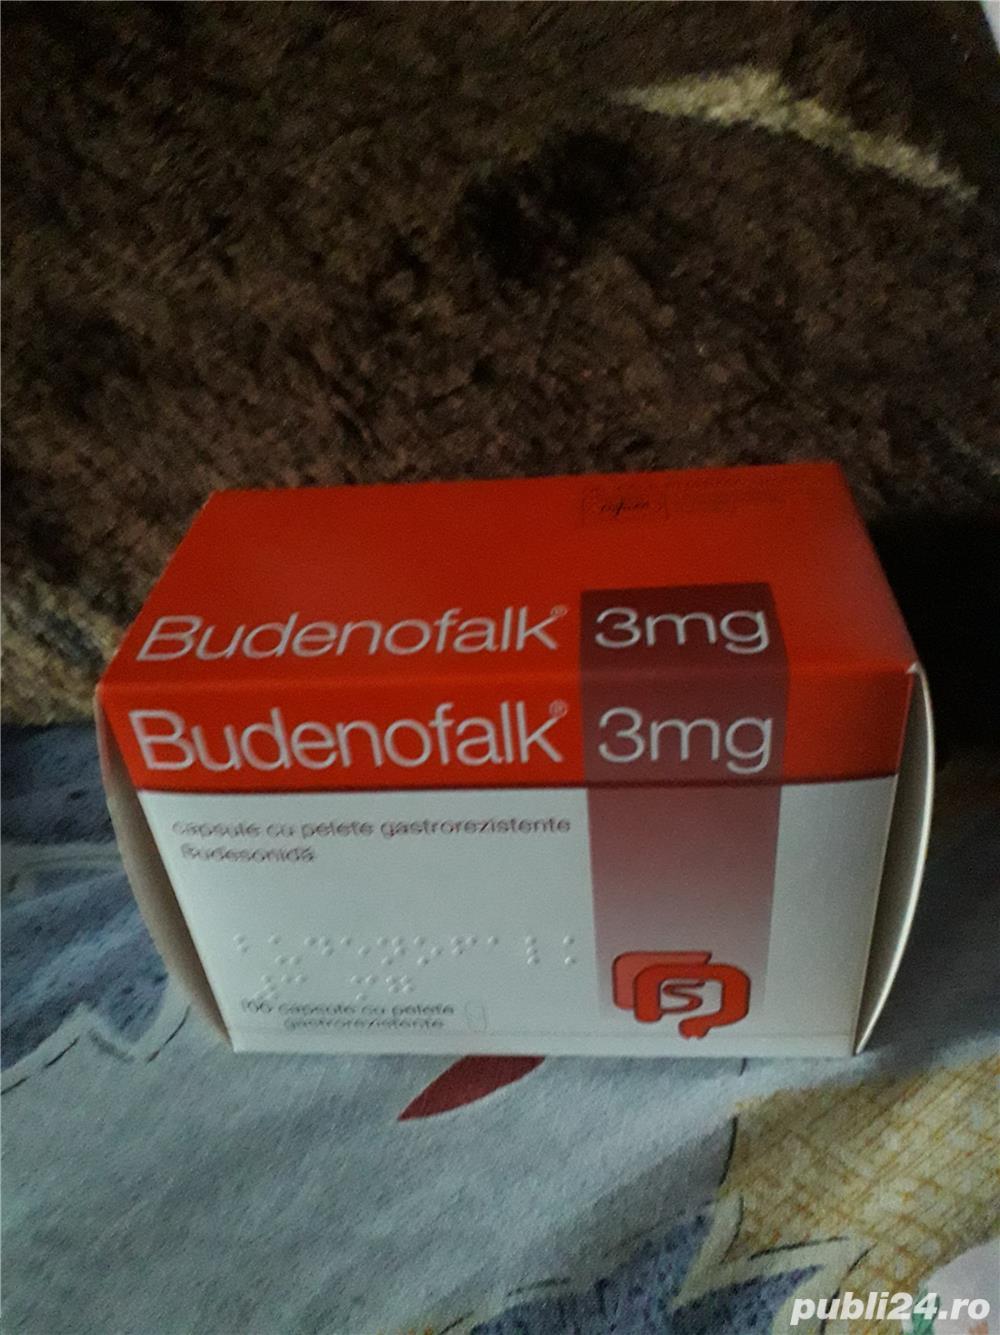 Vand o cutie de  Budenofalk 3mg